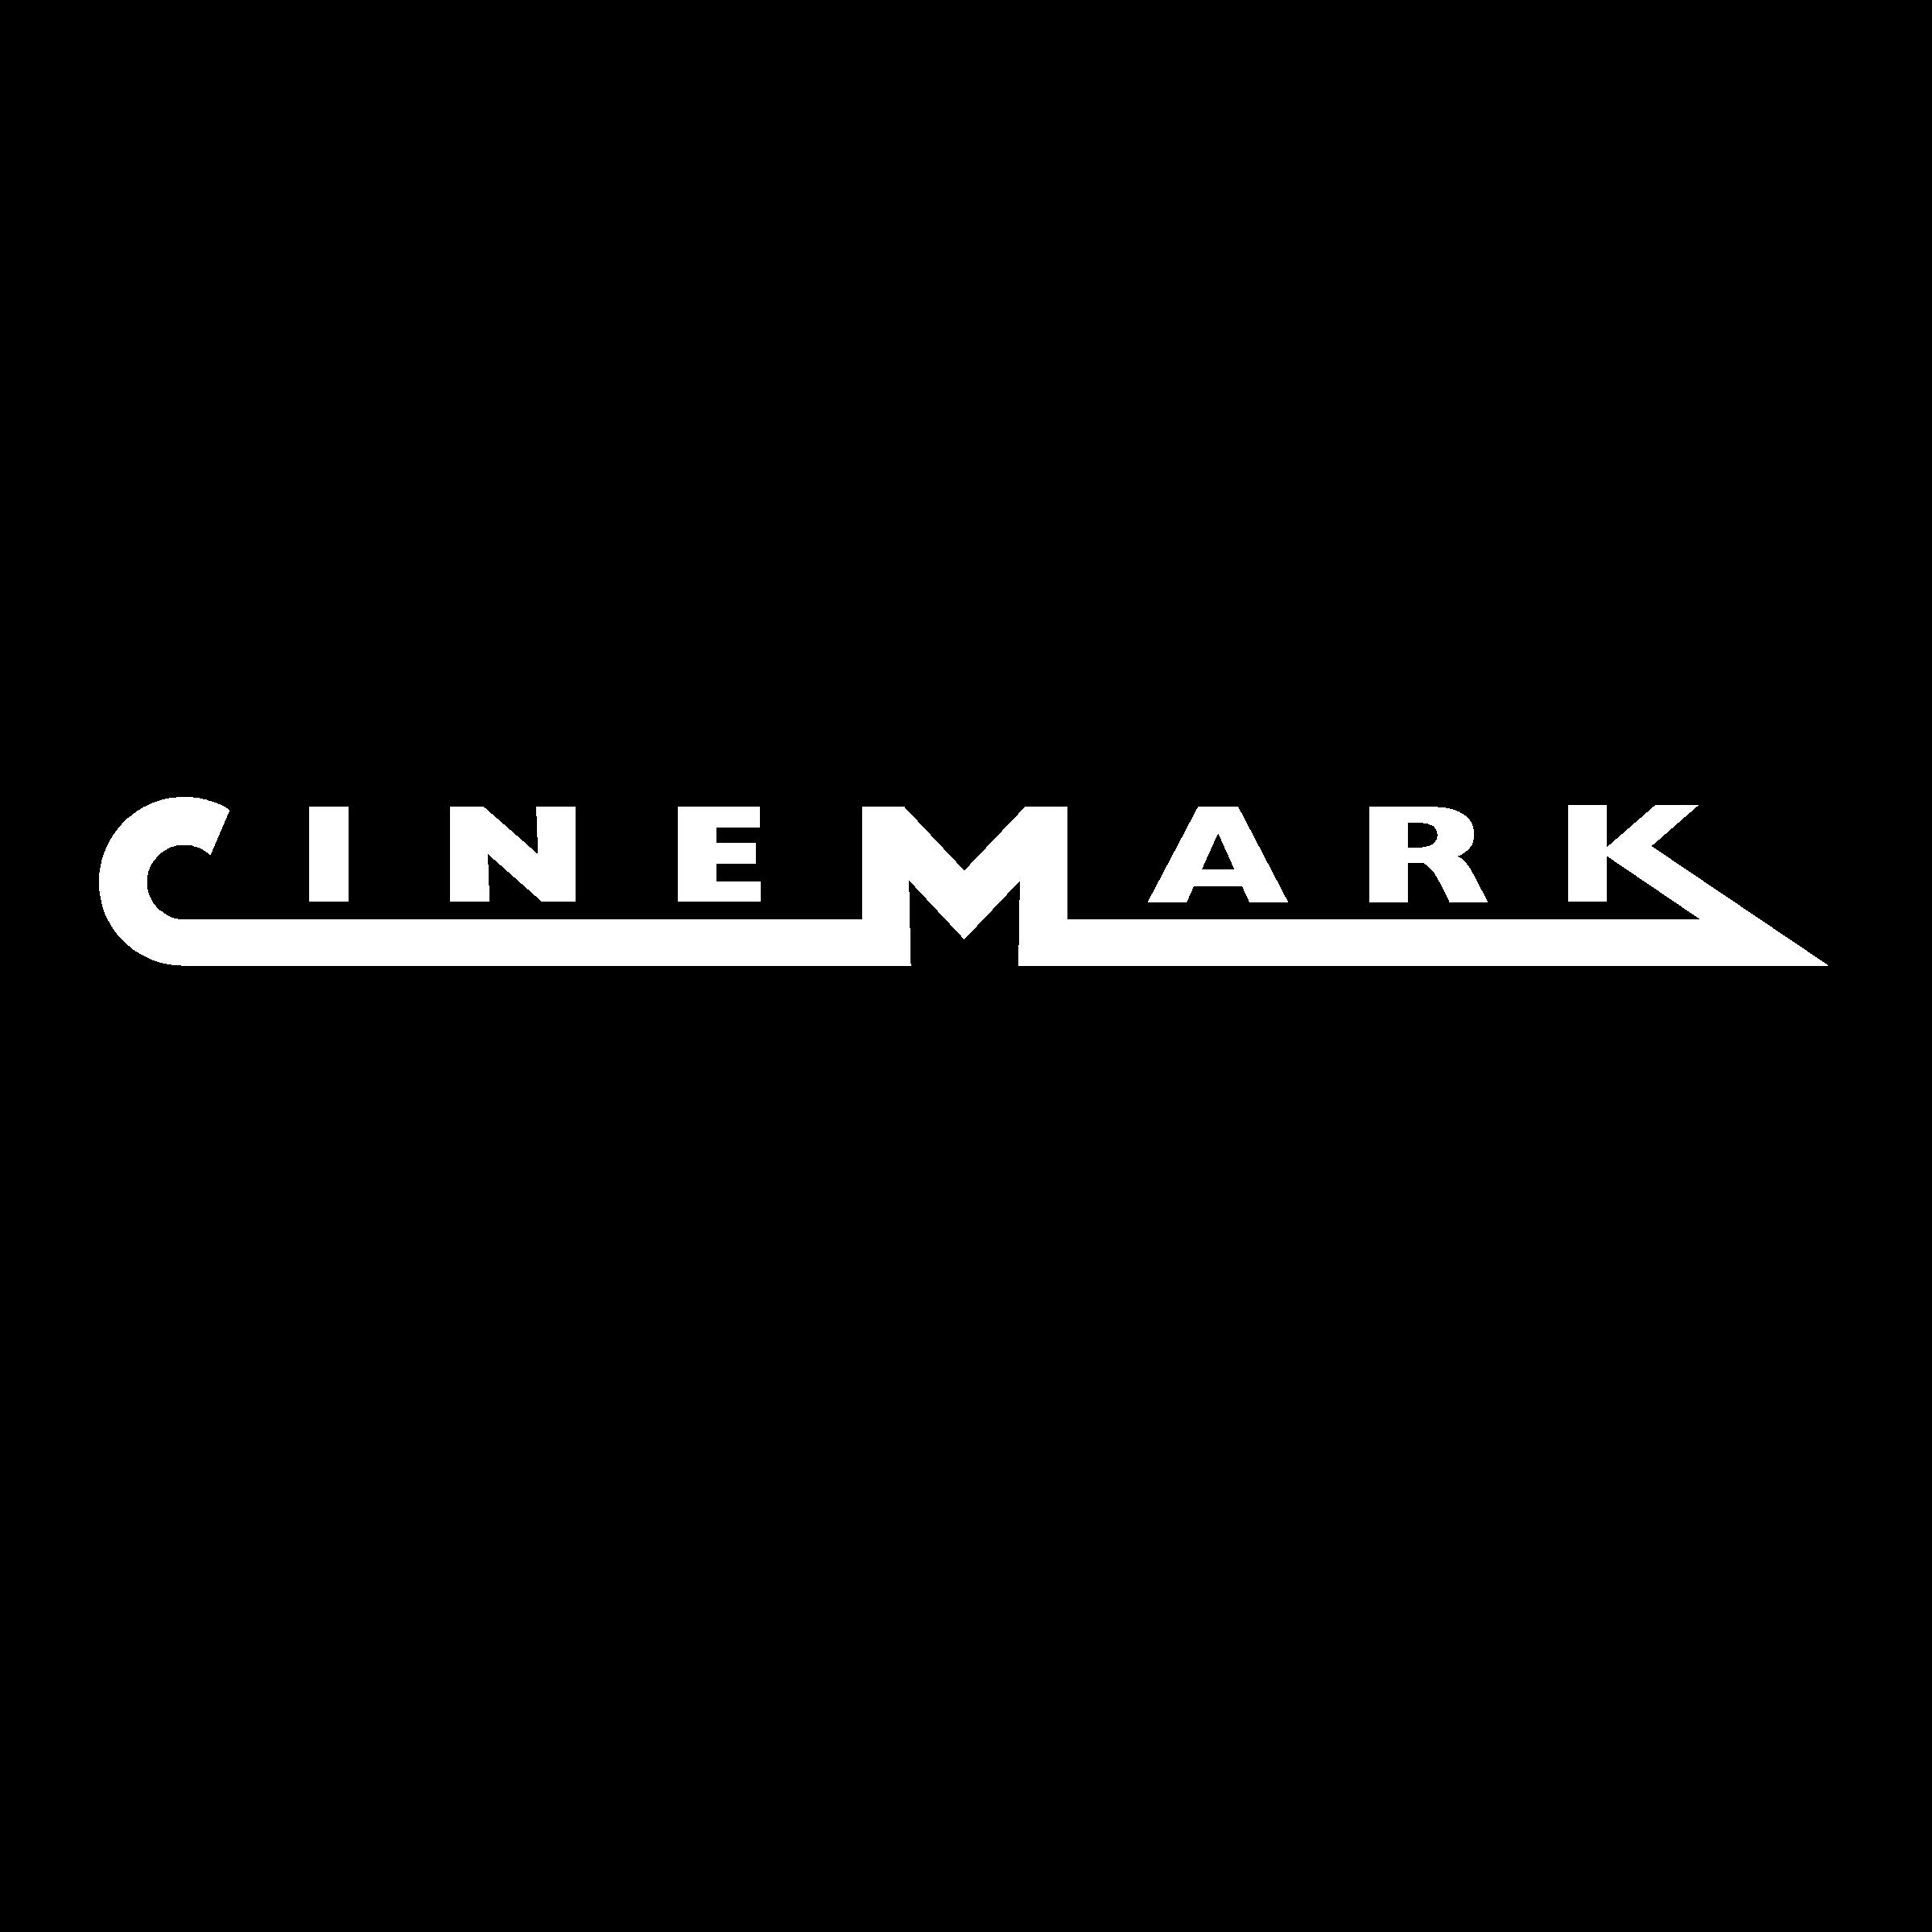 Cinemark Logo Black And White